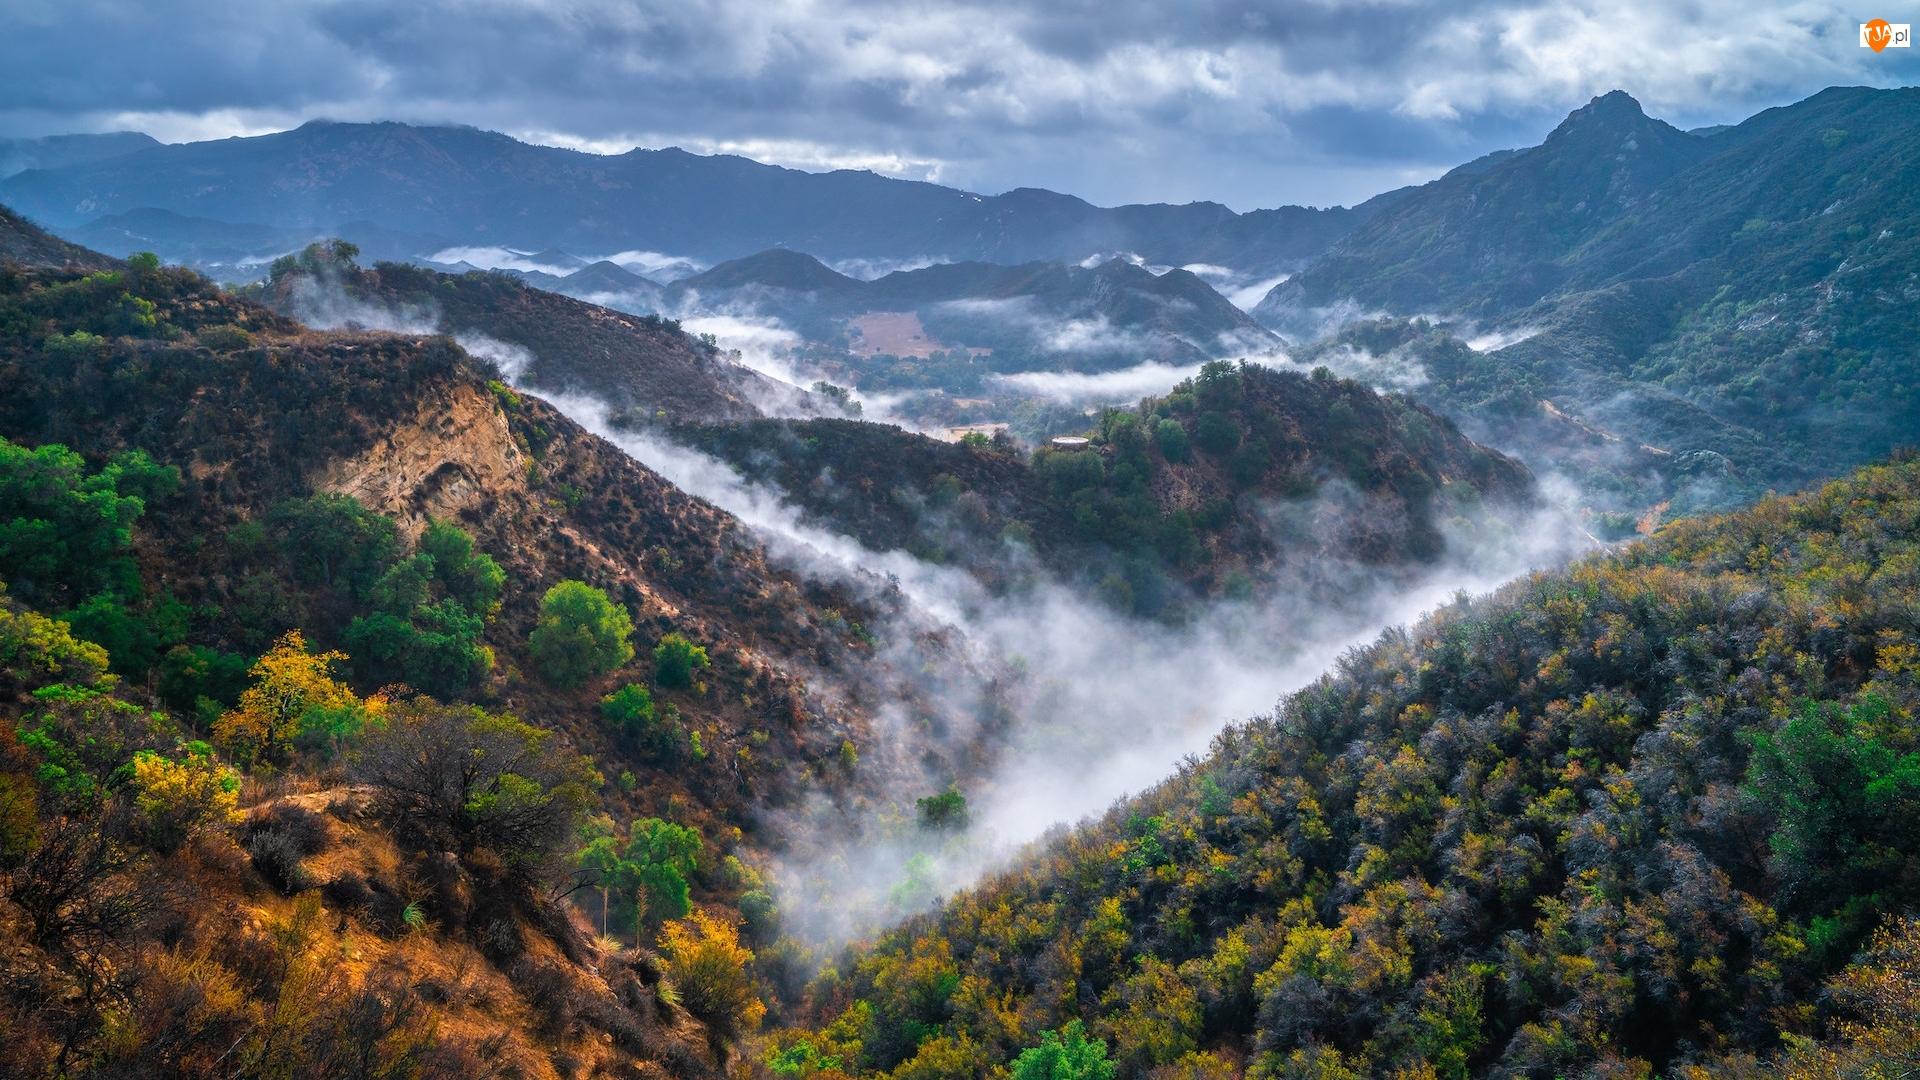 Wąwóz, Stany Zjednoczone, Trawy, Mgła, Kalifornia, Góry Santa Monica, Roślinność, Park stanowy Malibu Creek